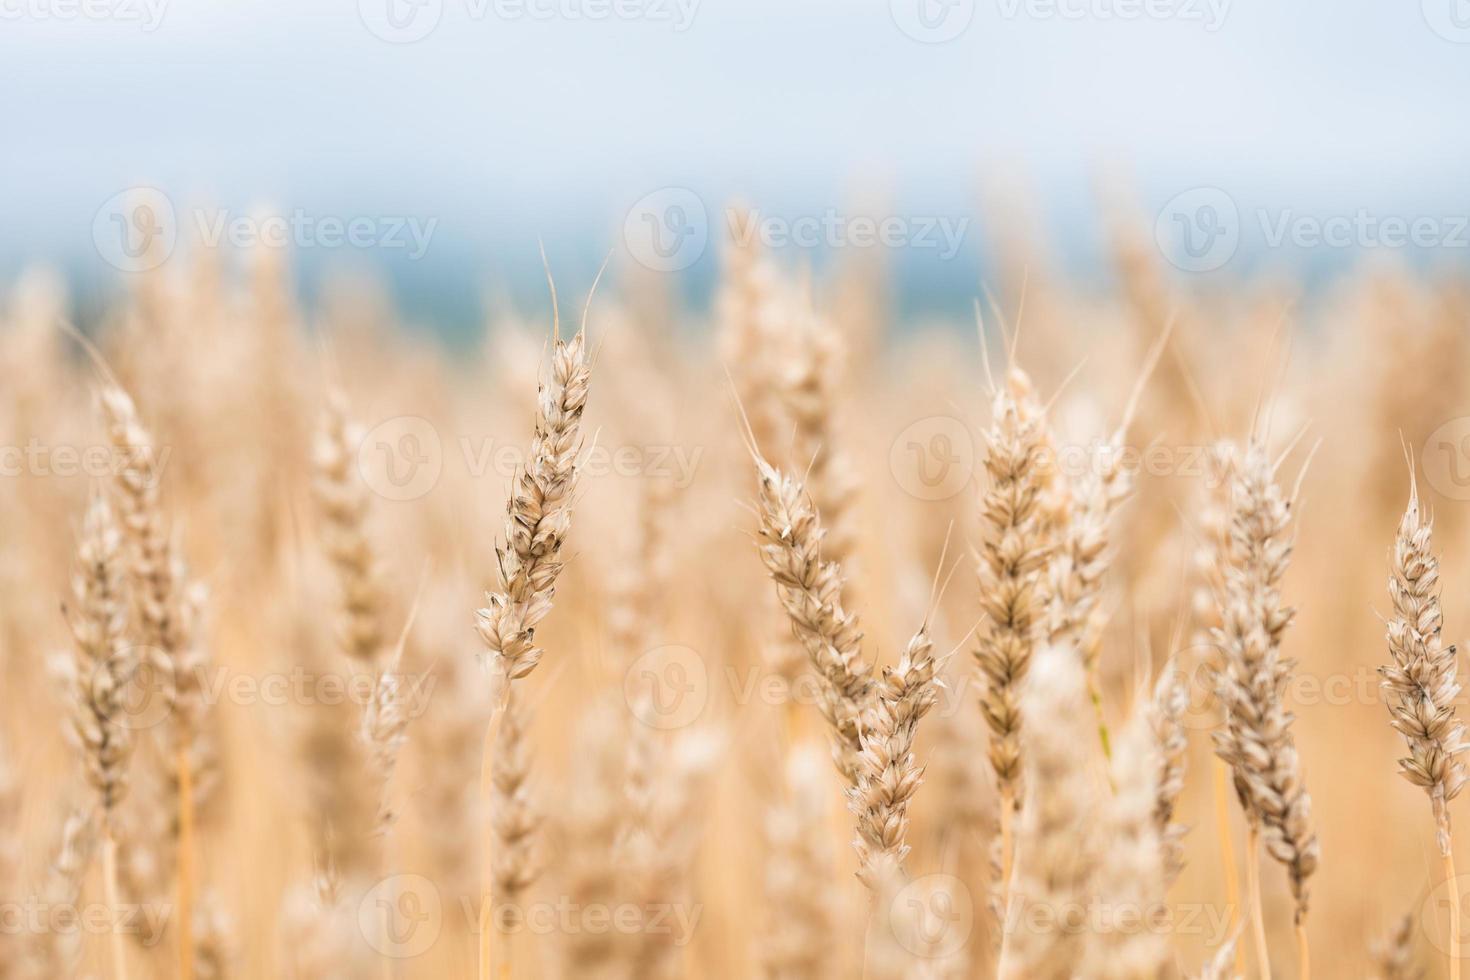 låg vinkel närbild av ett fält av vete i solljus foto